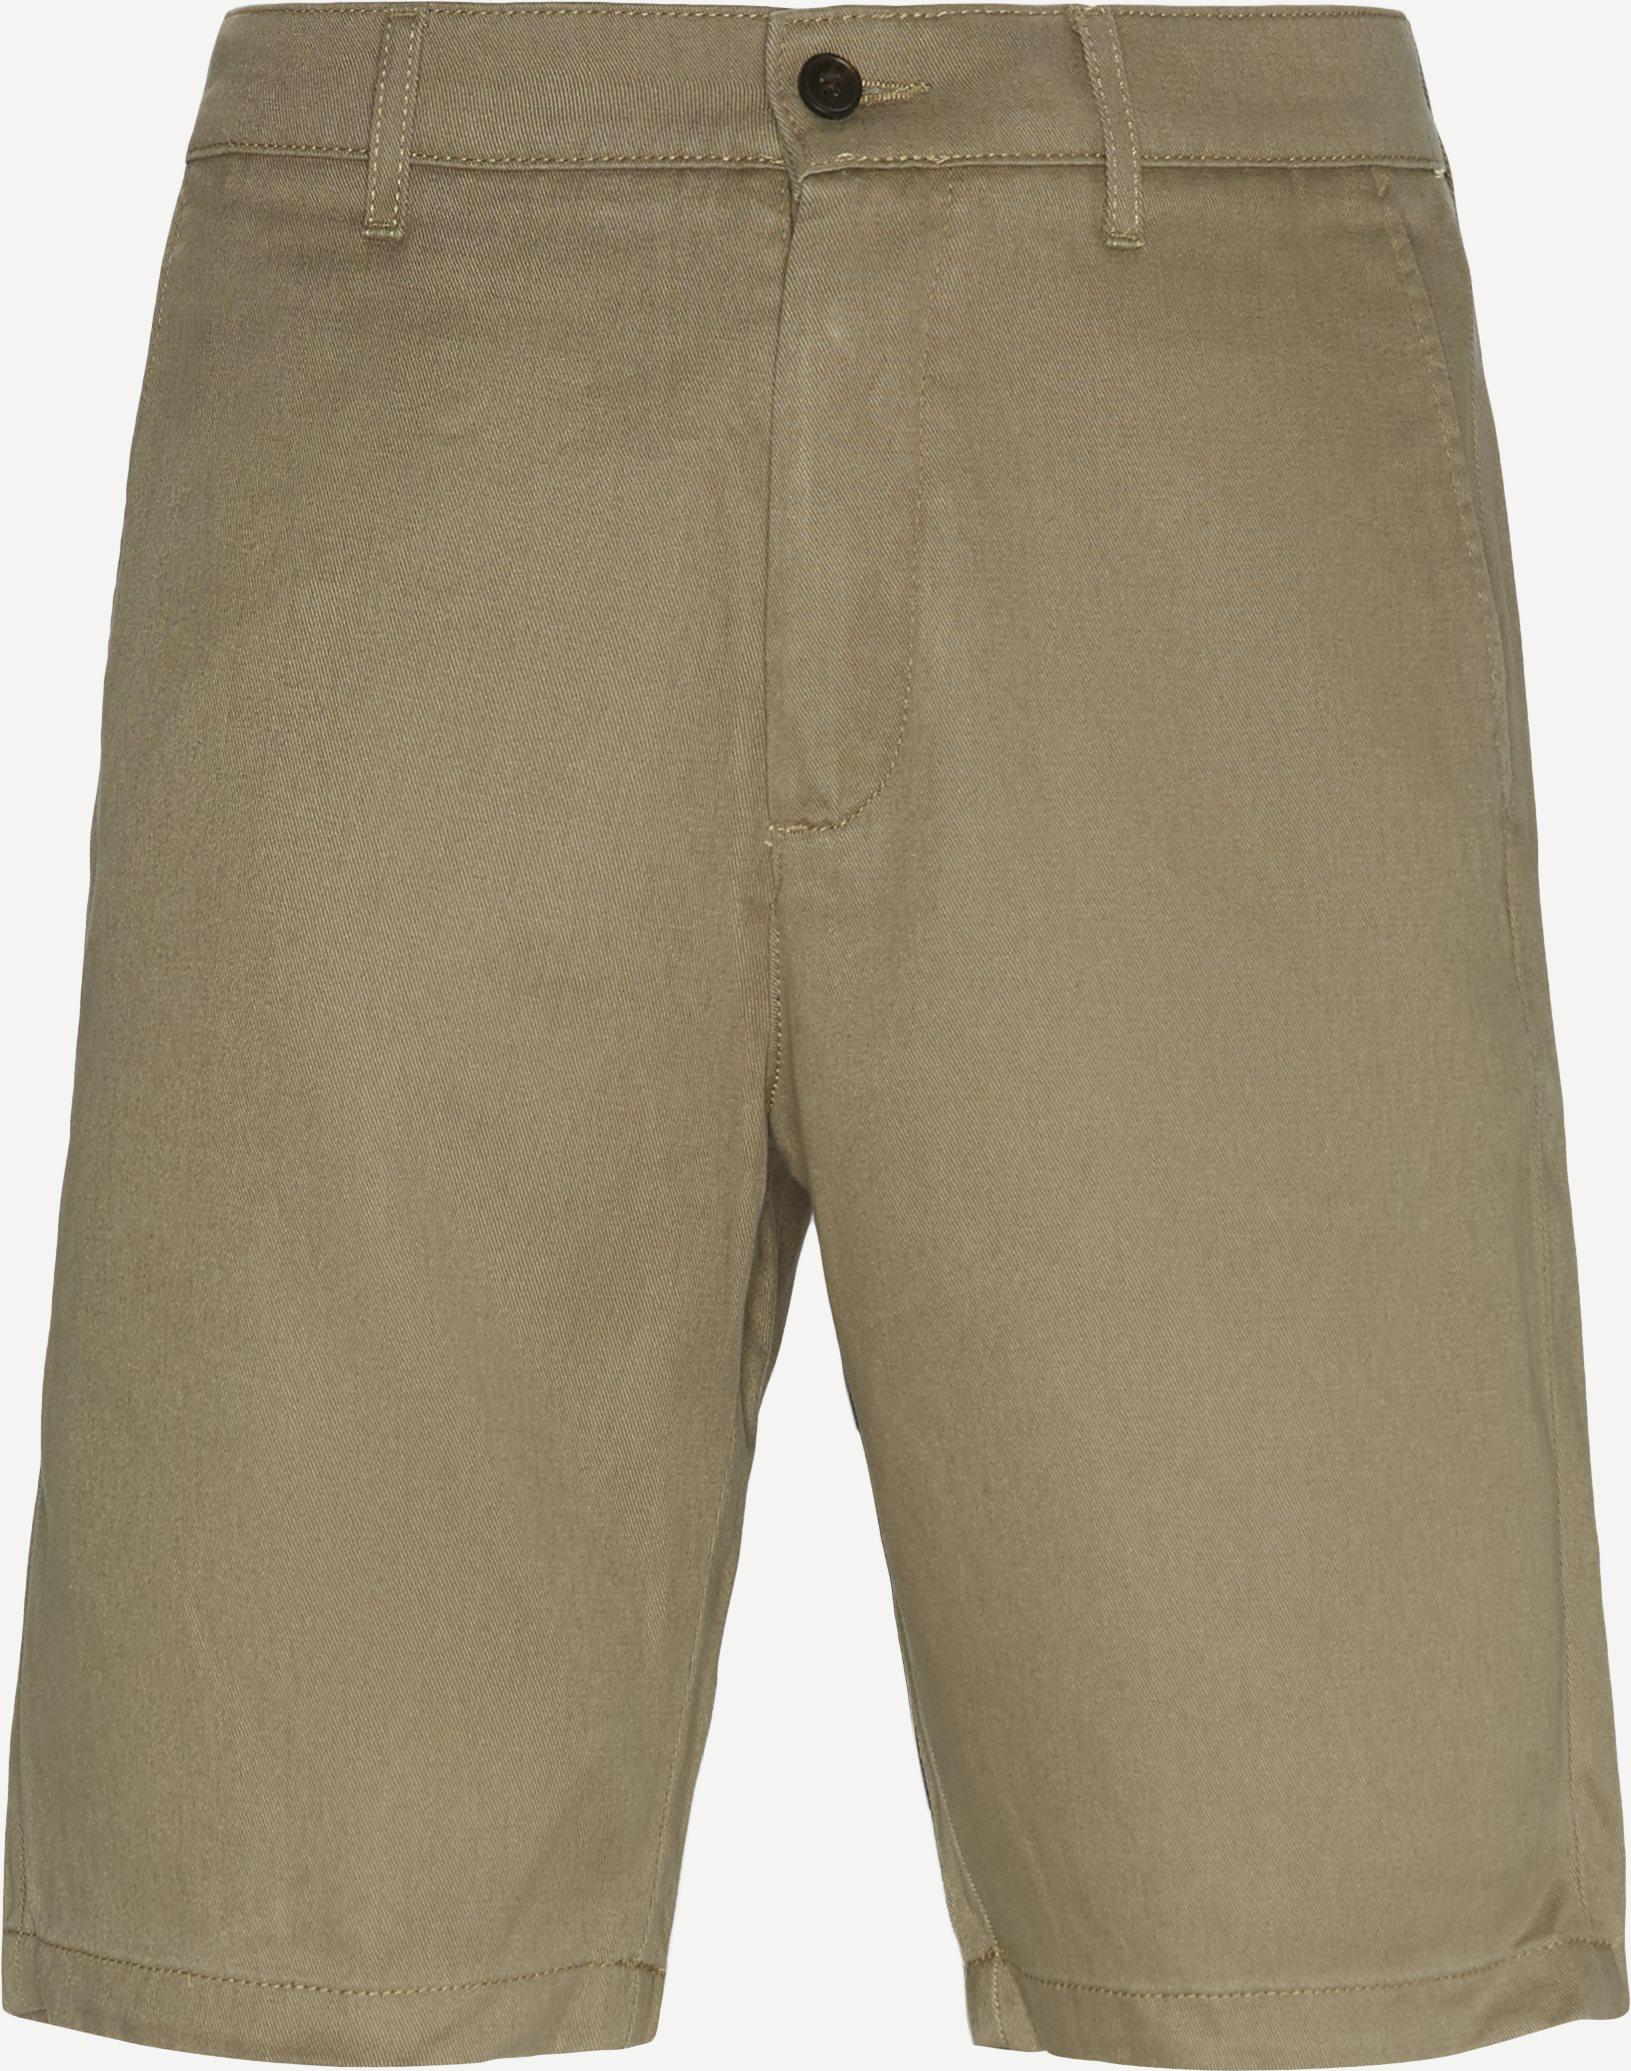 Shorts - Regular - Green